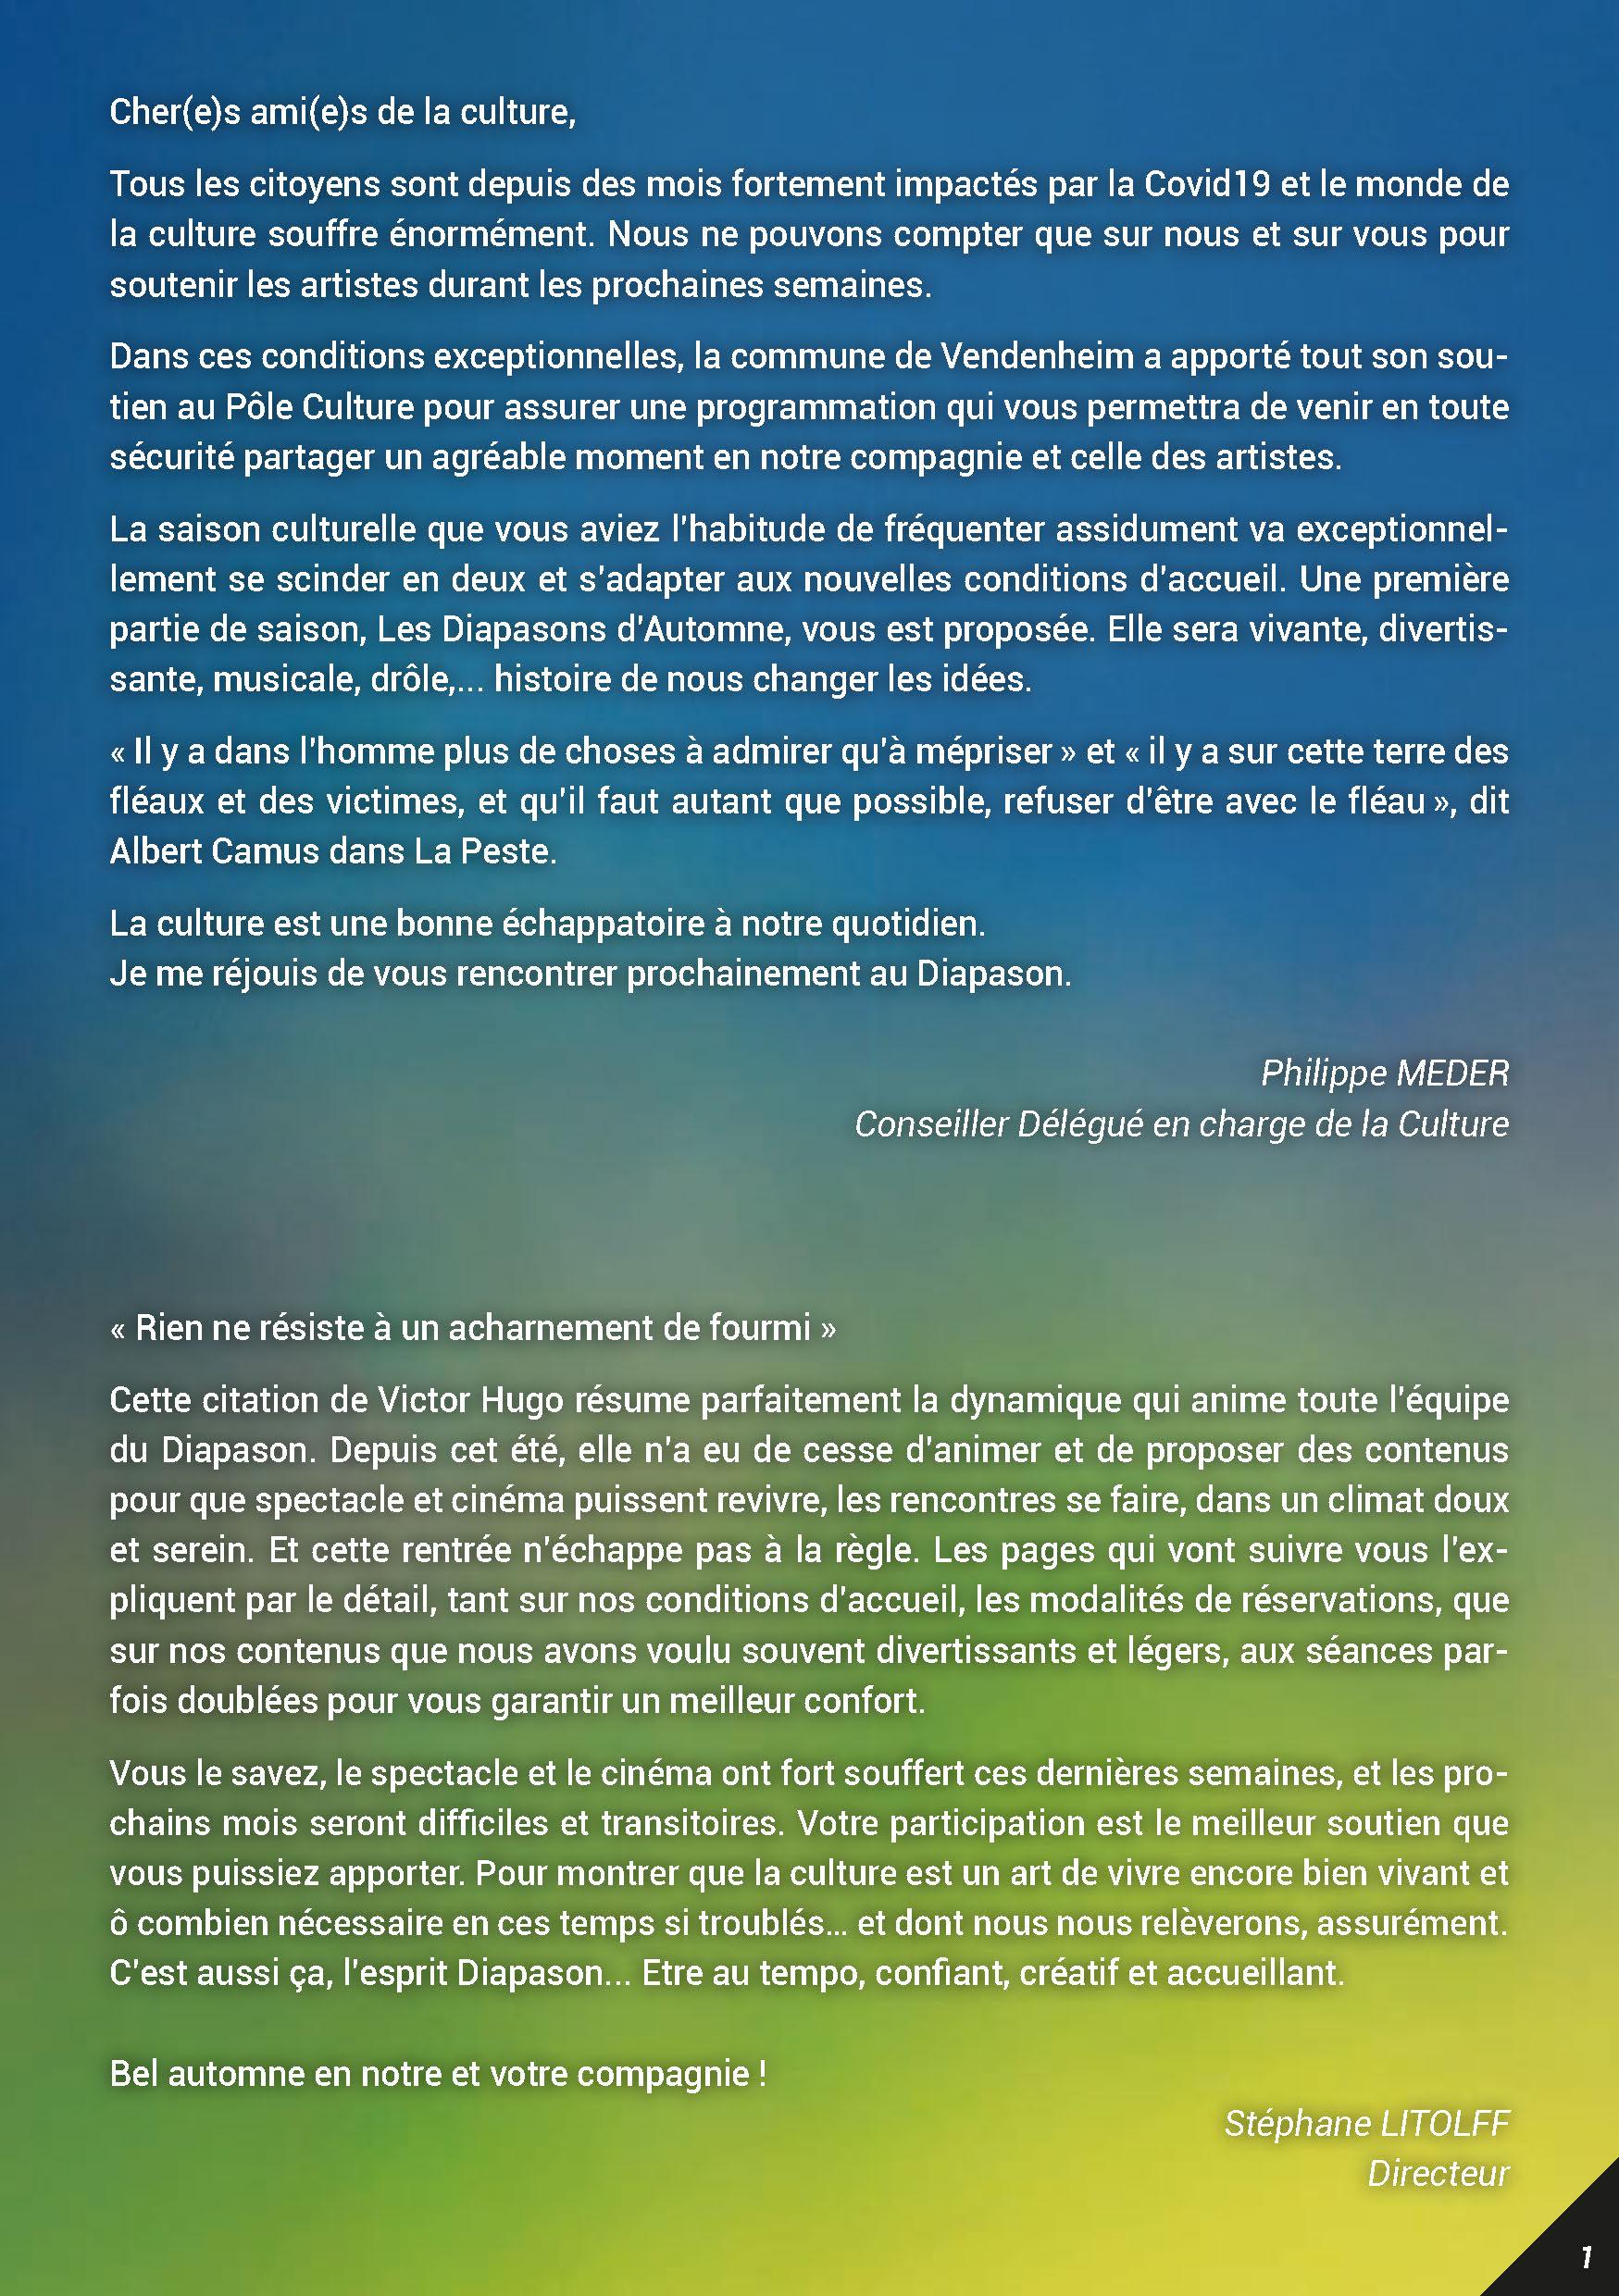 LES DIAPASONS DAUTOMNE_2020_Page_03